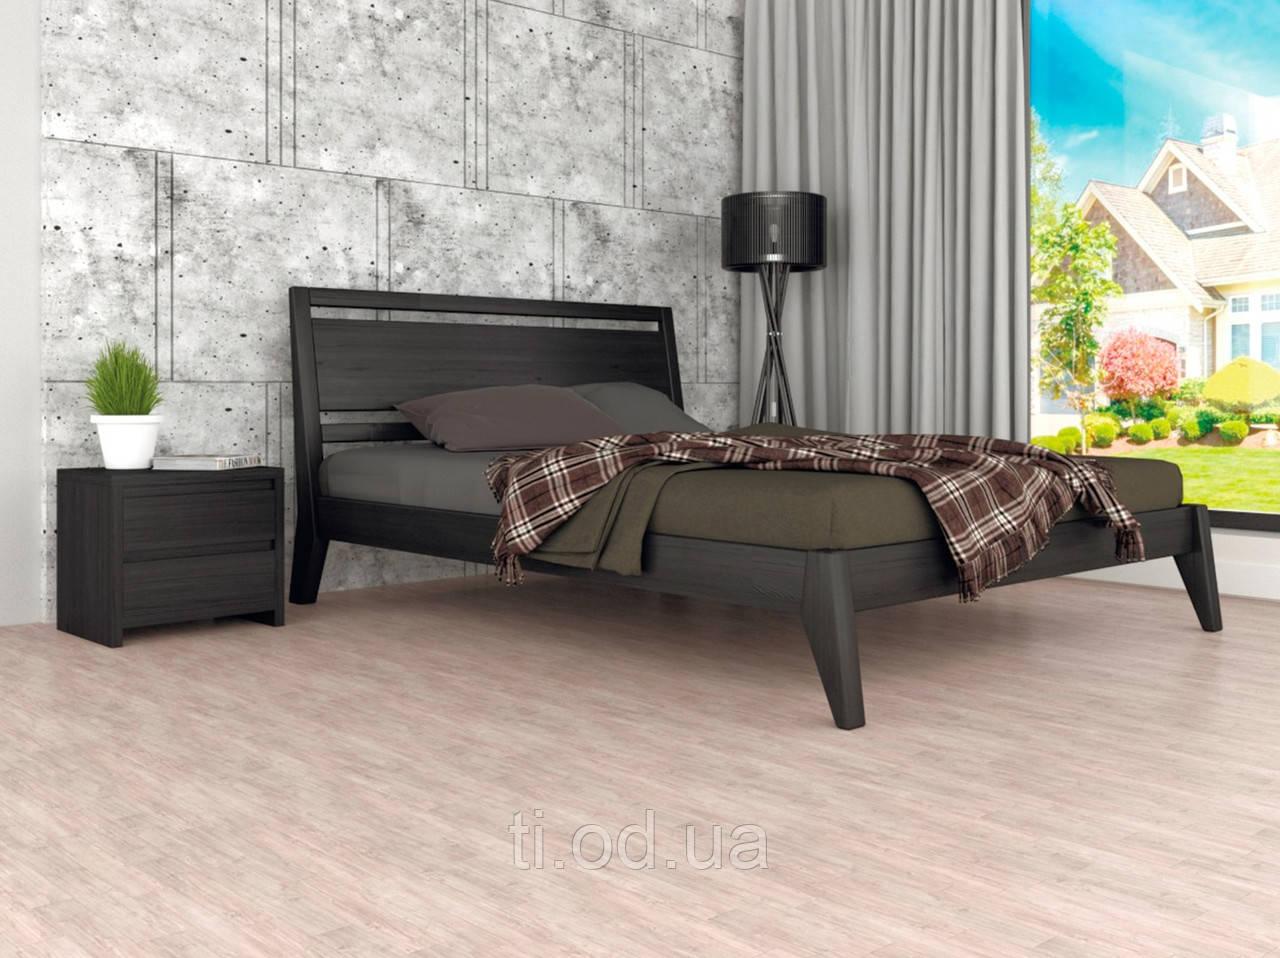 Кровать Аврора 1